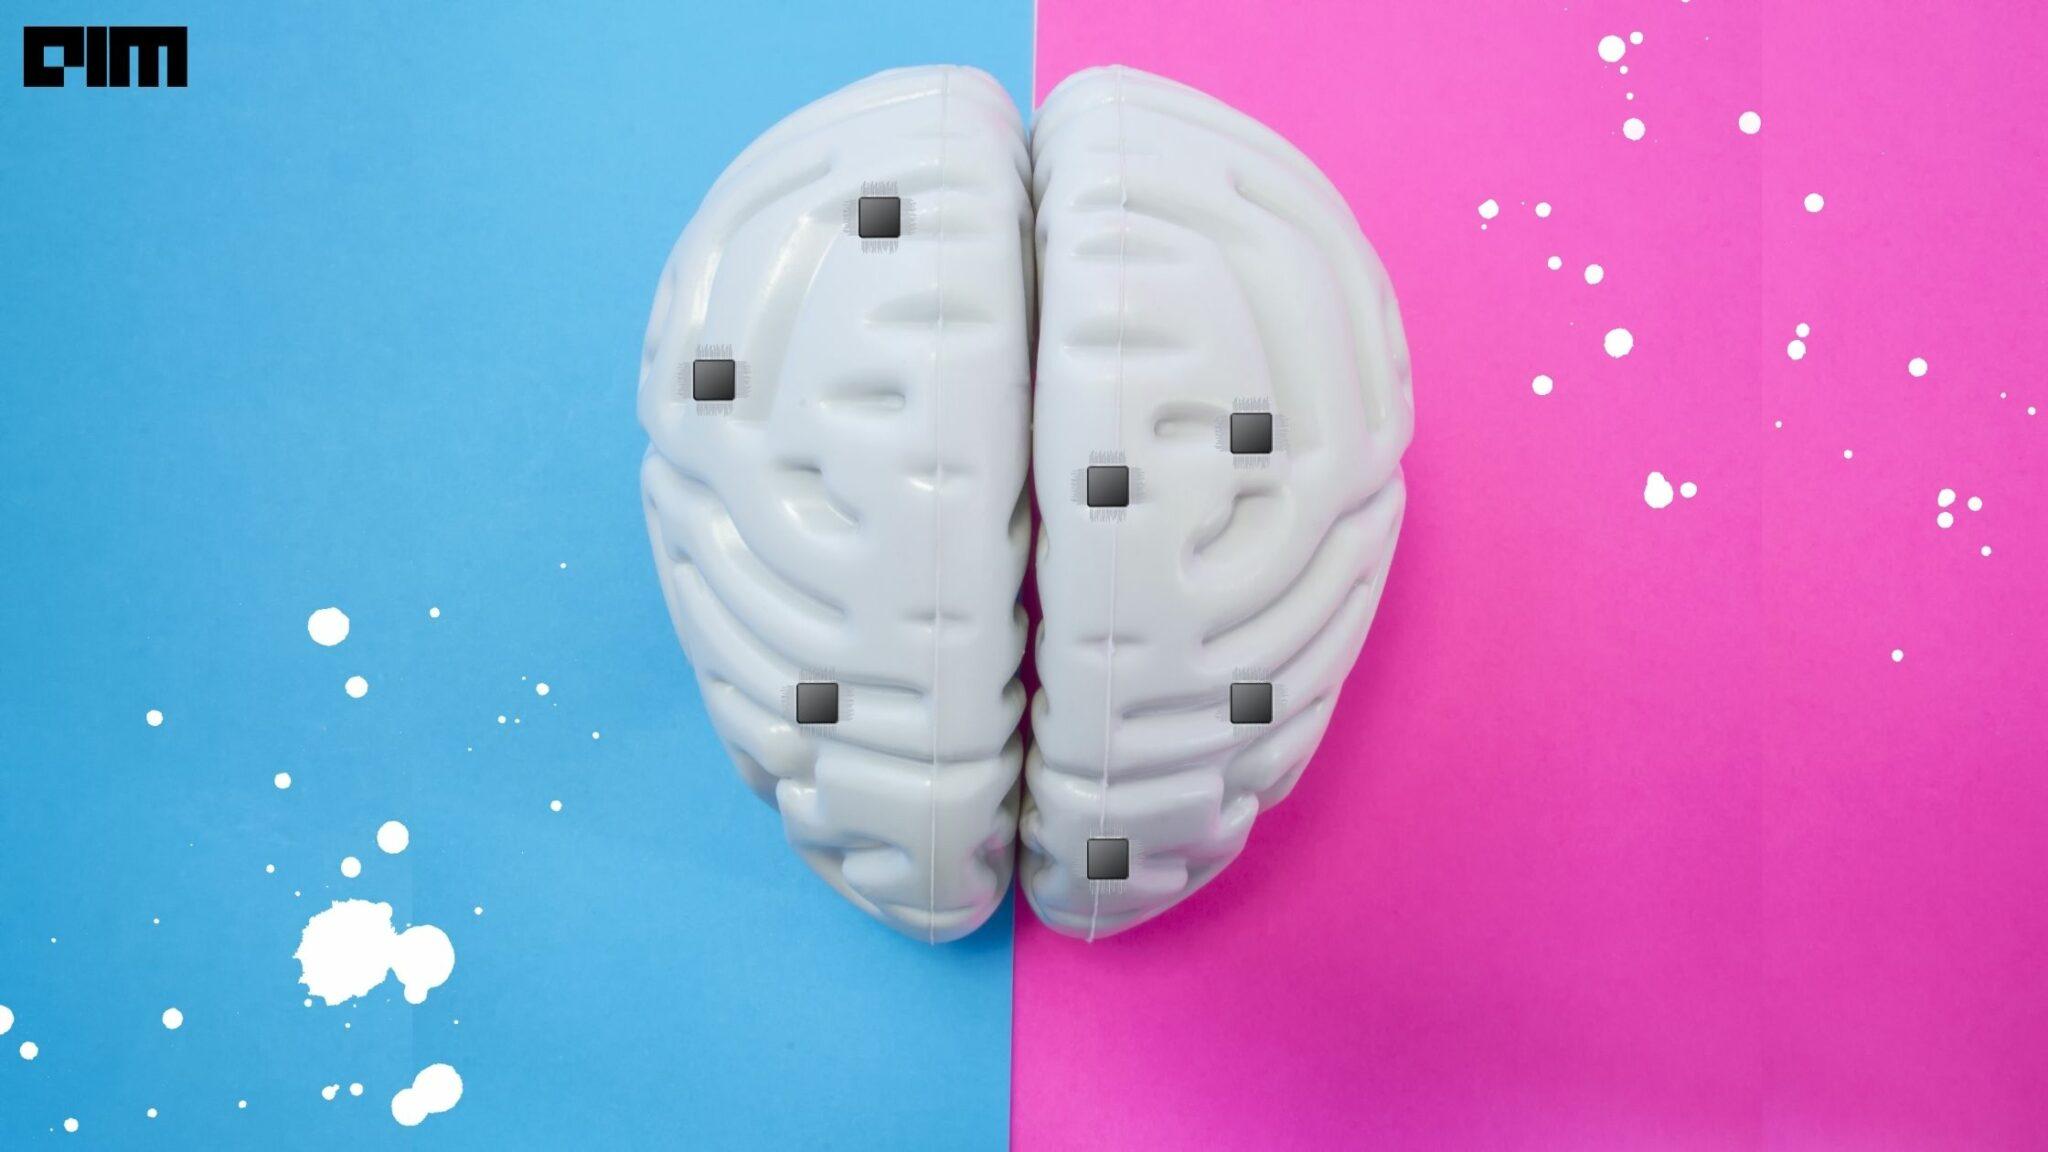 Група дослідників розробляє нову технологію запису імпульсів мозку Neurograins